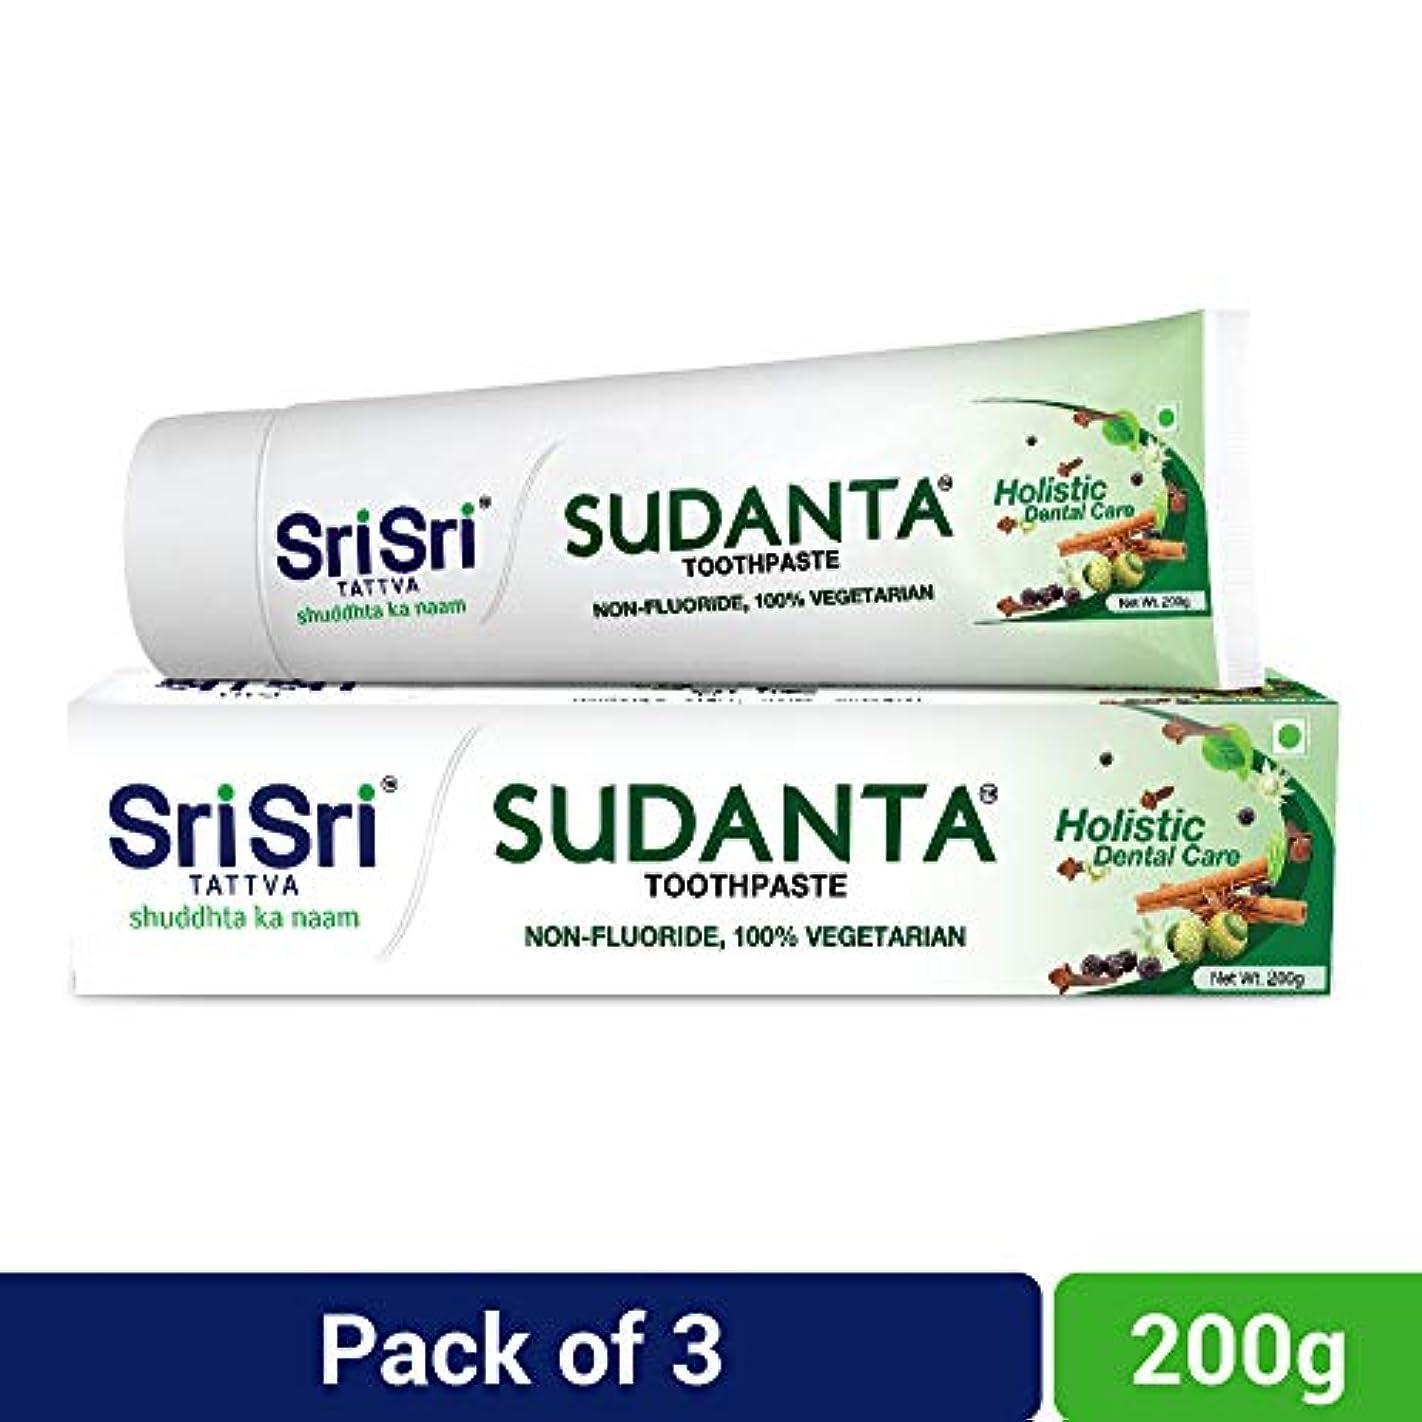 ホイップ検査官韓国語Sri Sri Tattva Sudanta Toothpaste, 600gm (200gm x Pack of 3)